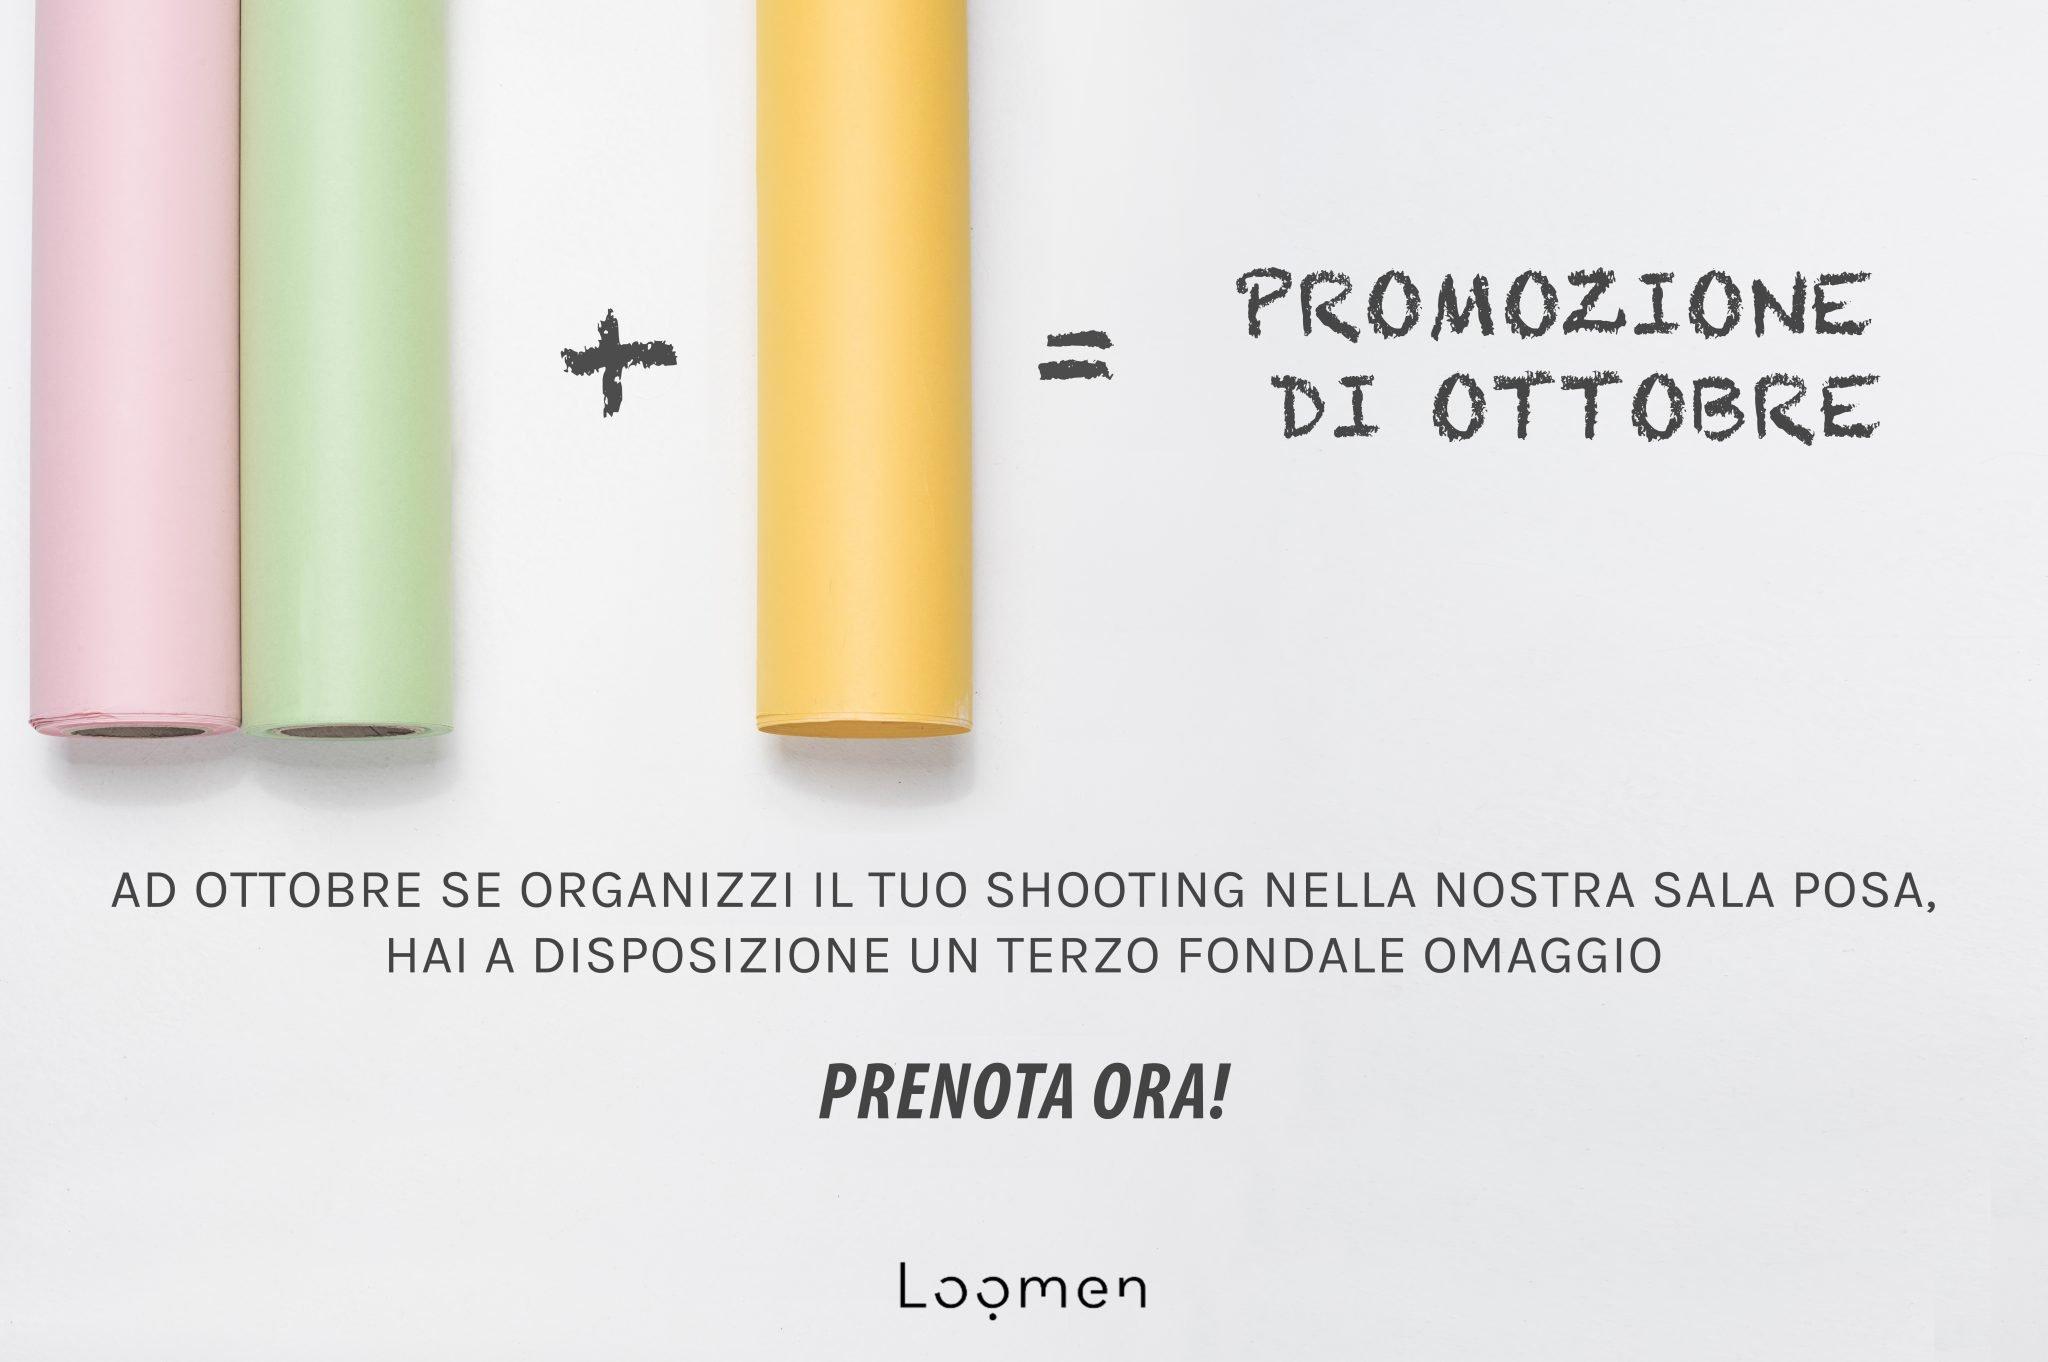 Promozione del mese. Sala posa fotografica di Loomen Studio, via del Mandrione, Roma.